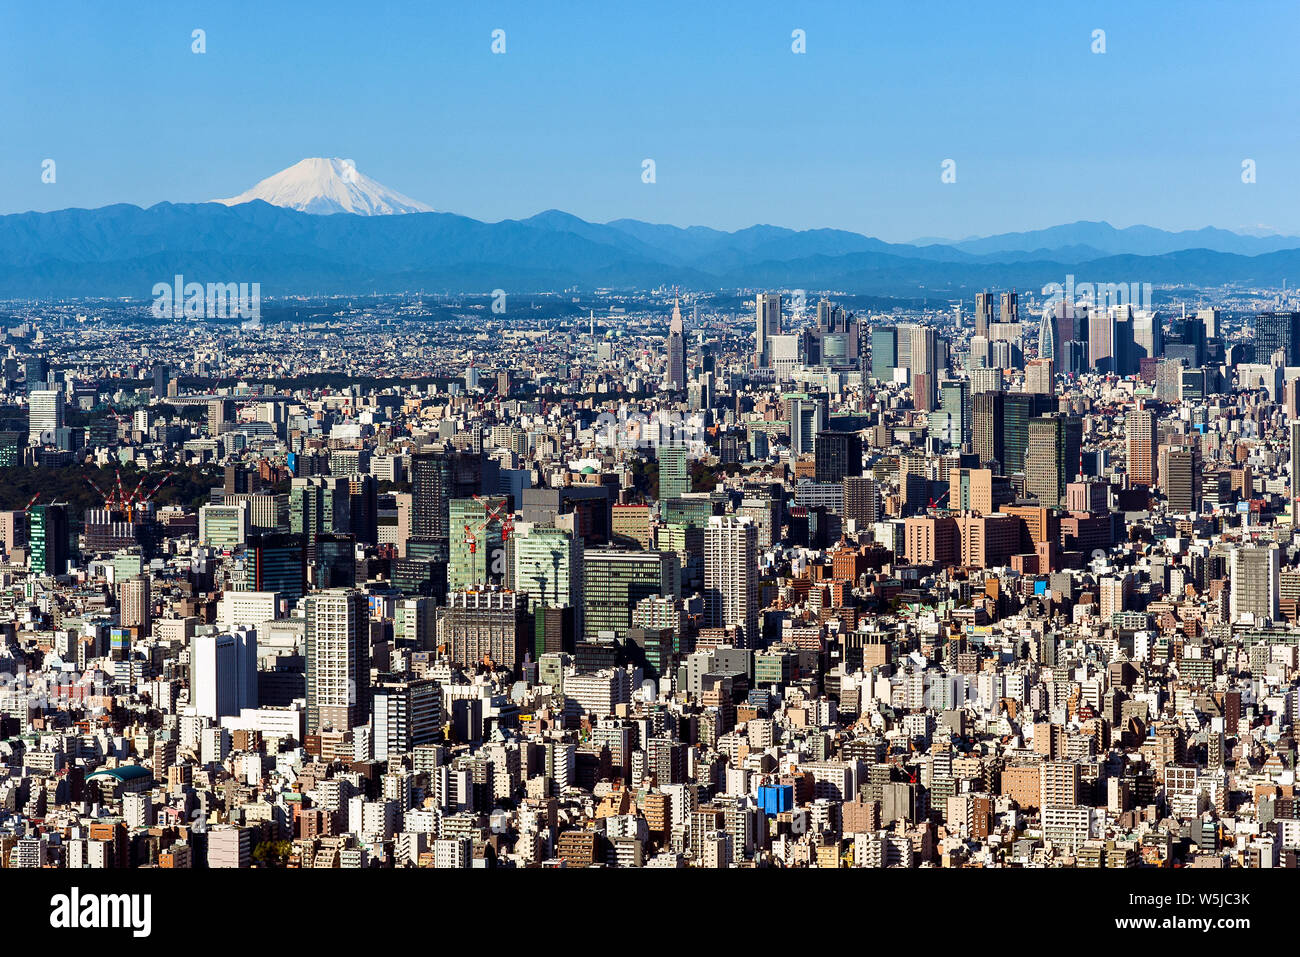 Mt. Fuji horizonte de Tokio Japón Paisaje Urbano Foto de stock